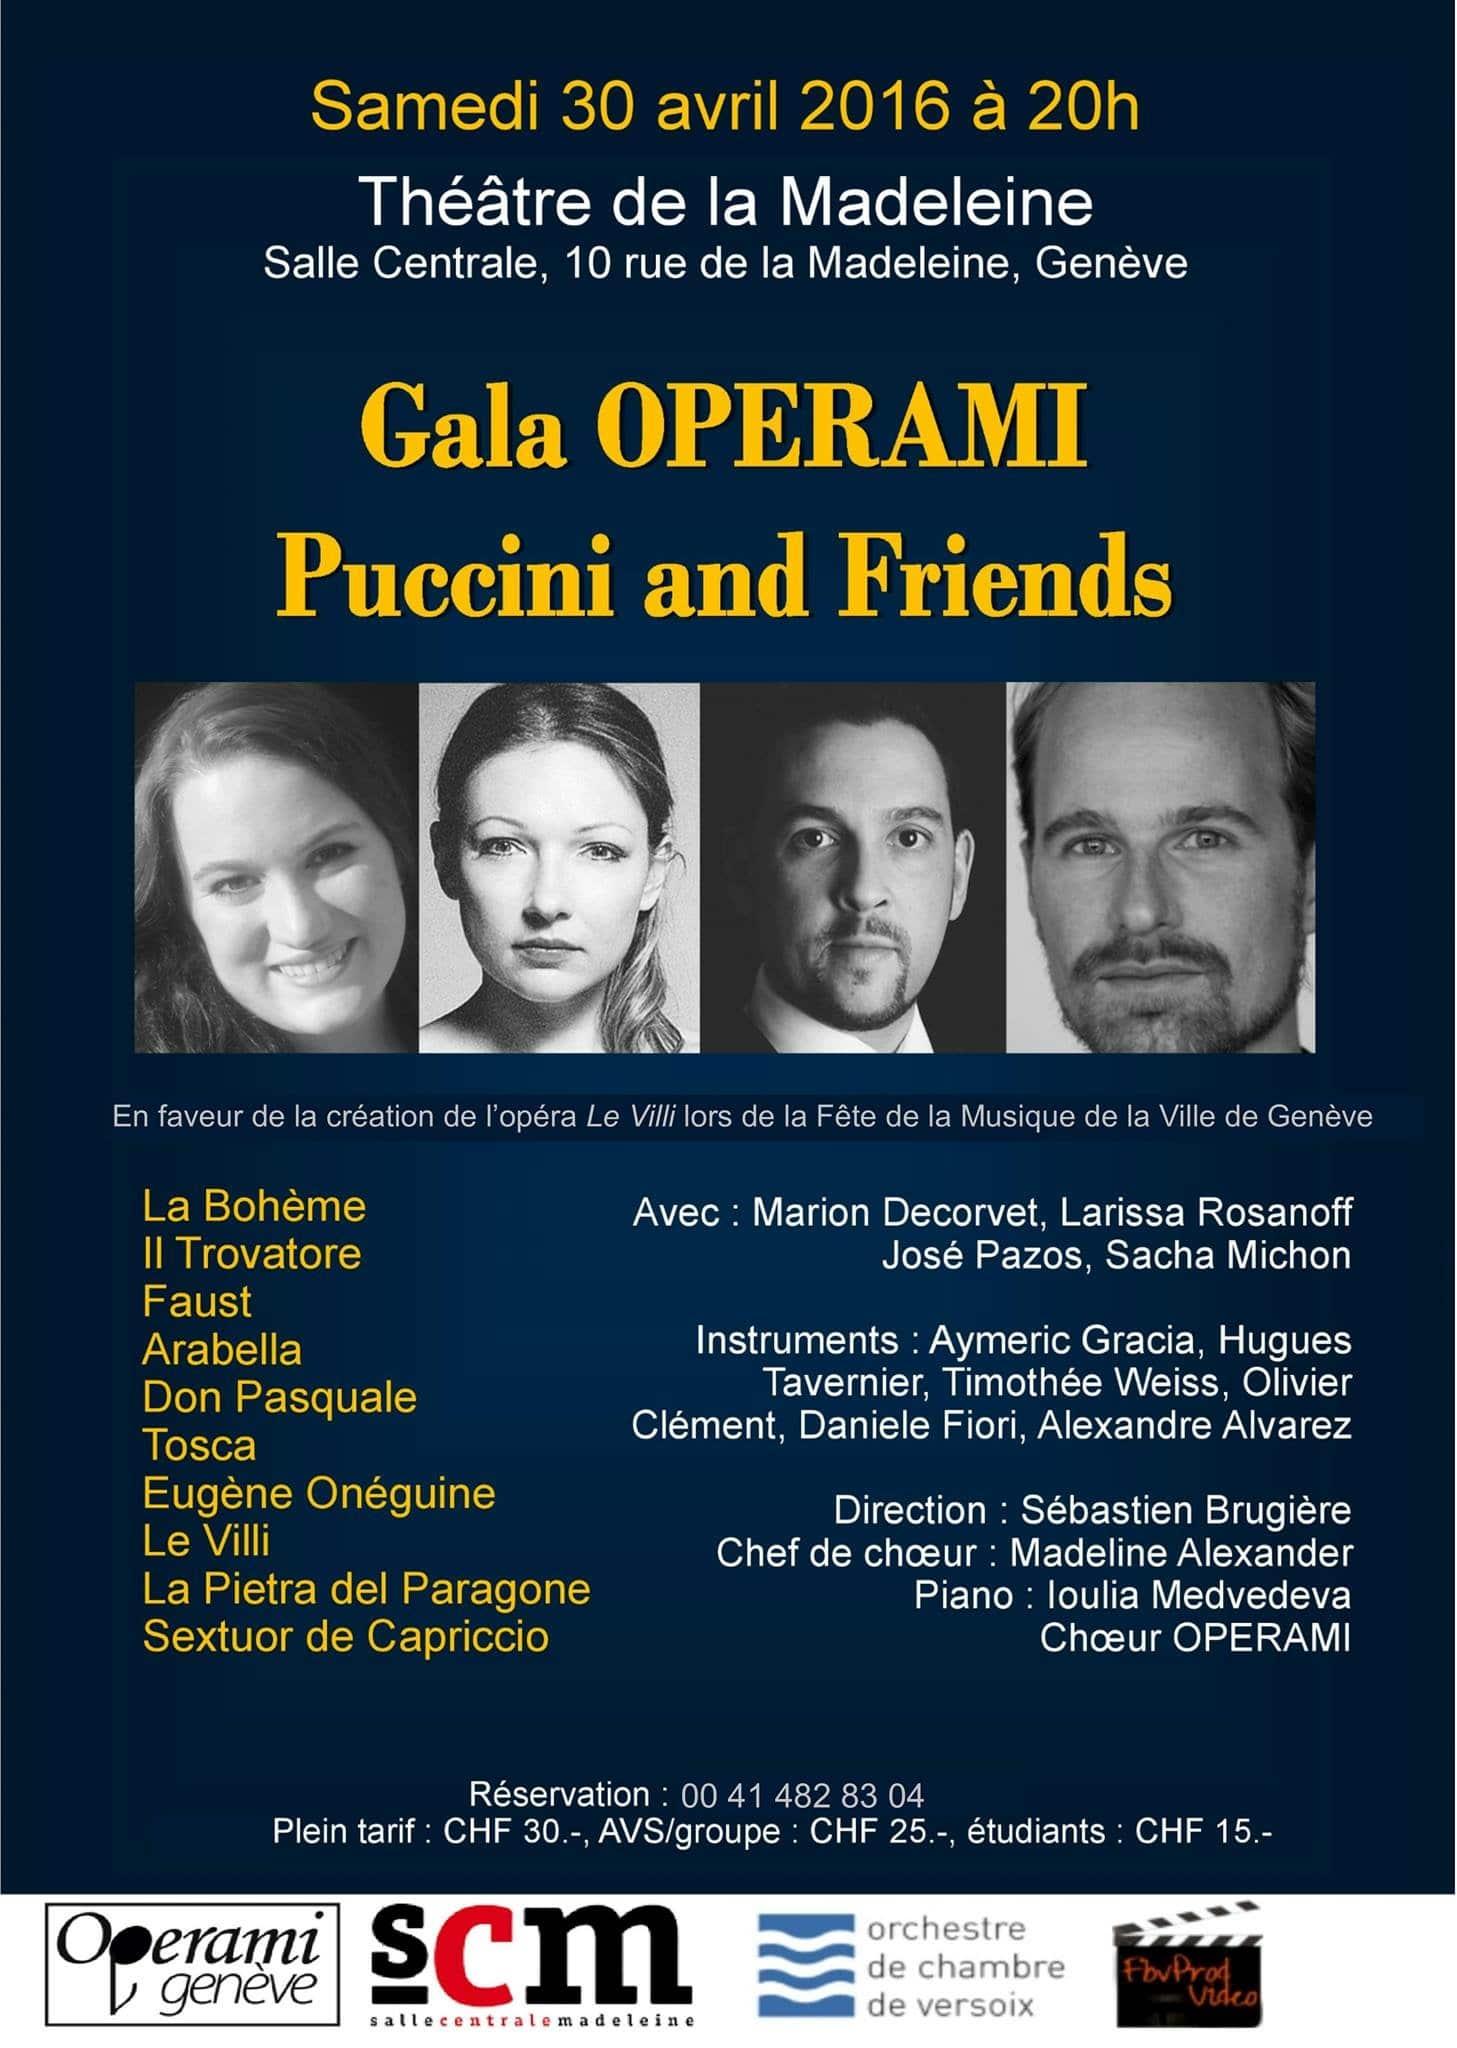 Opera Gala – Puccini